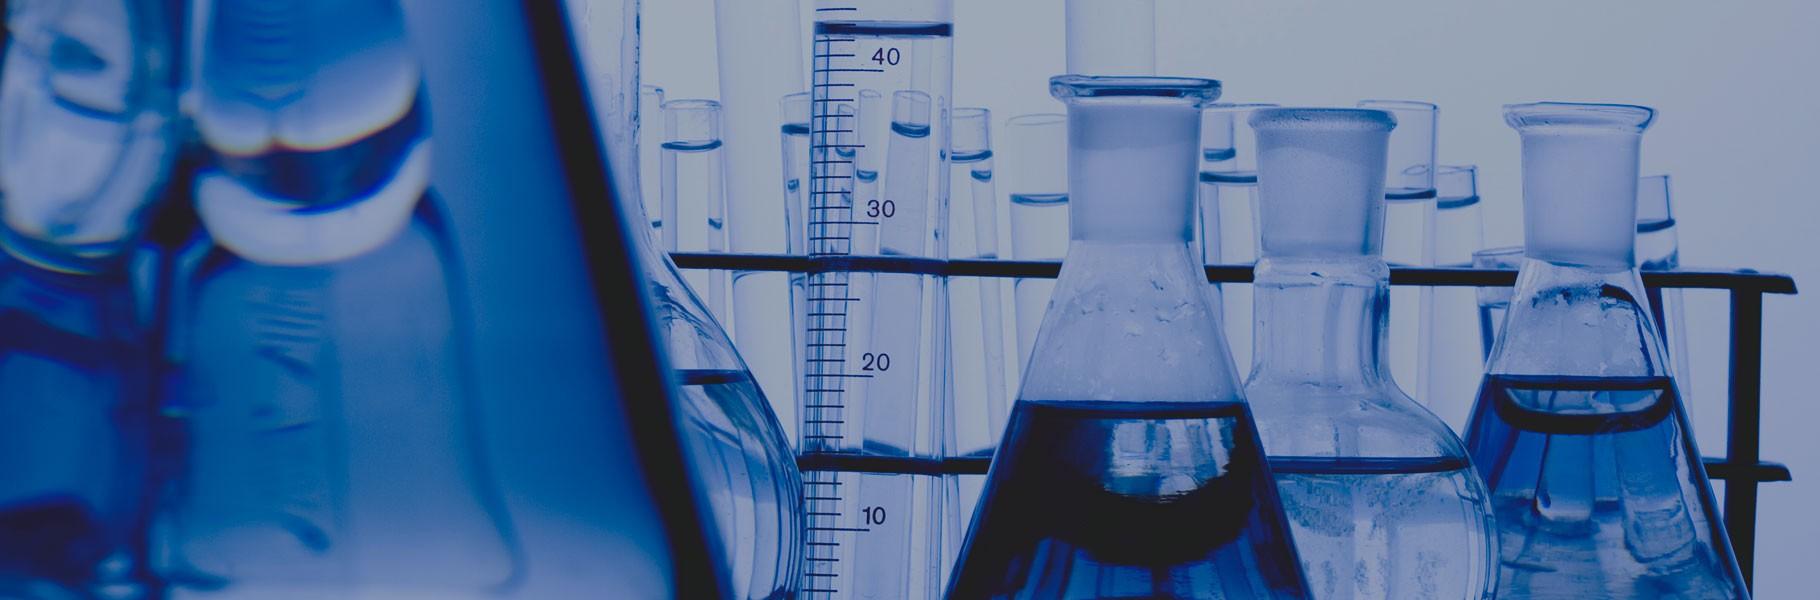 Productos químicos para la industria